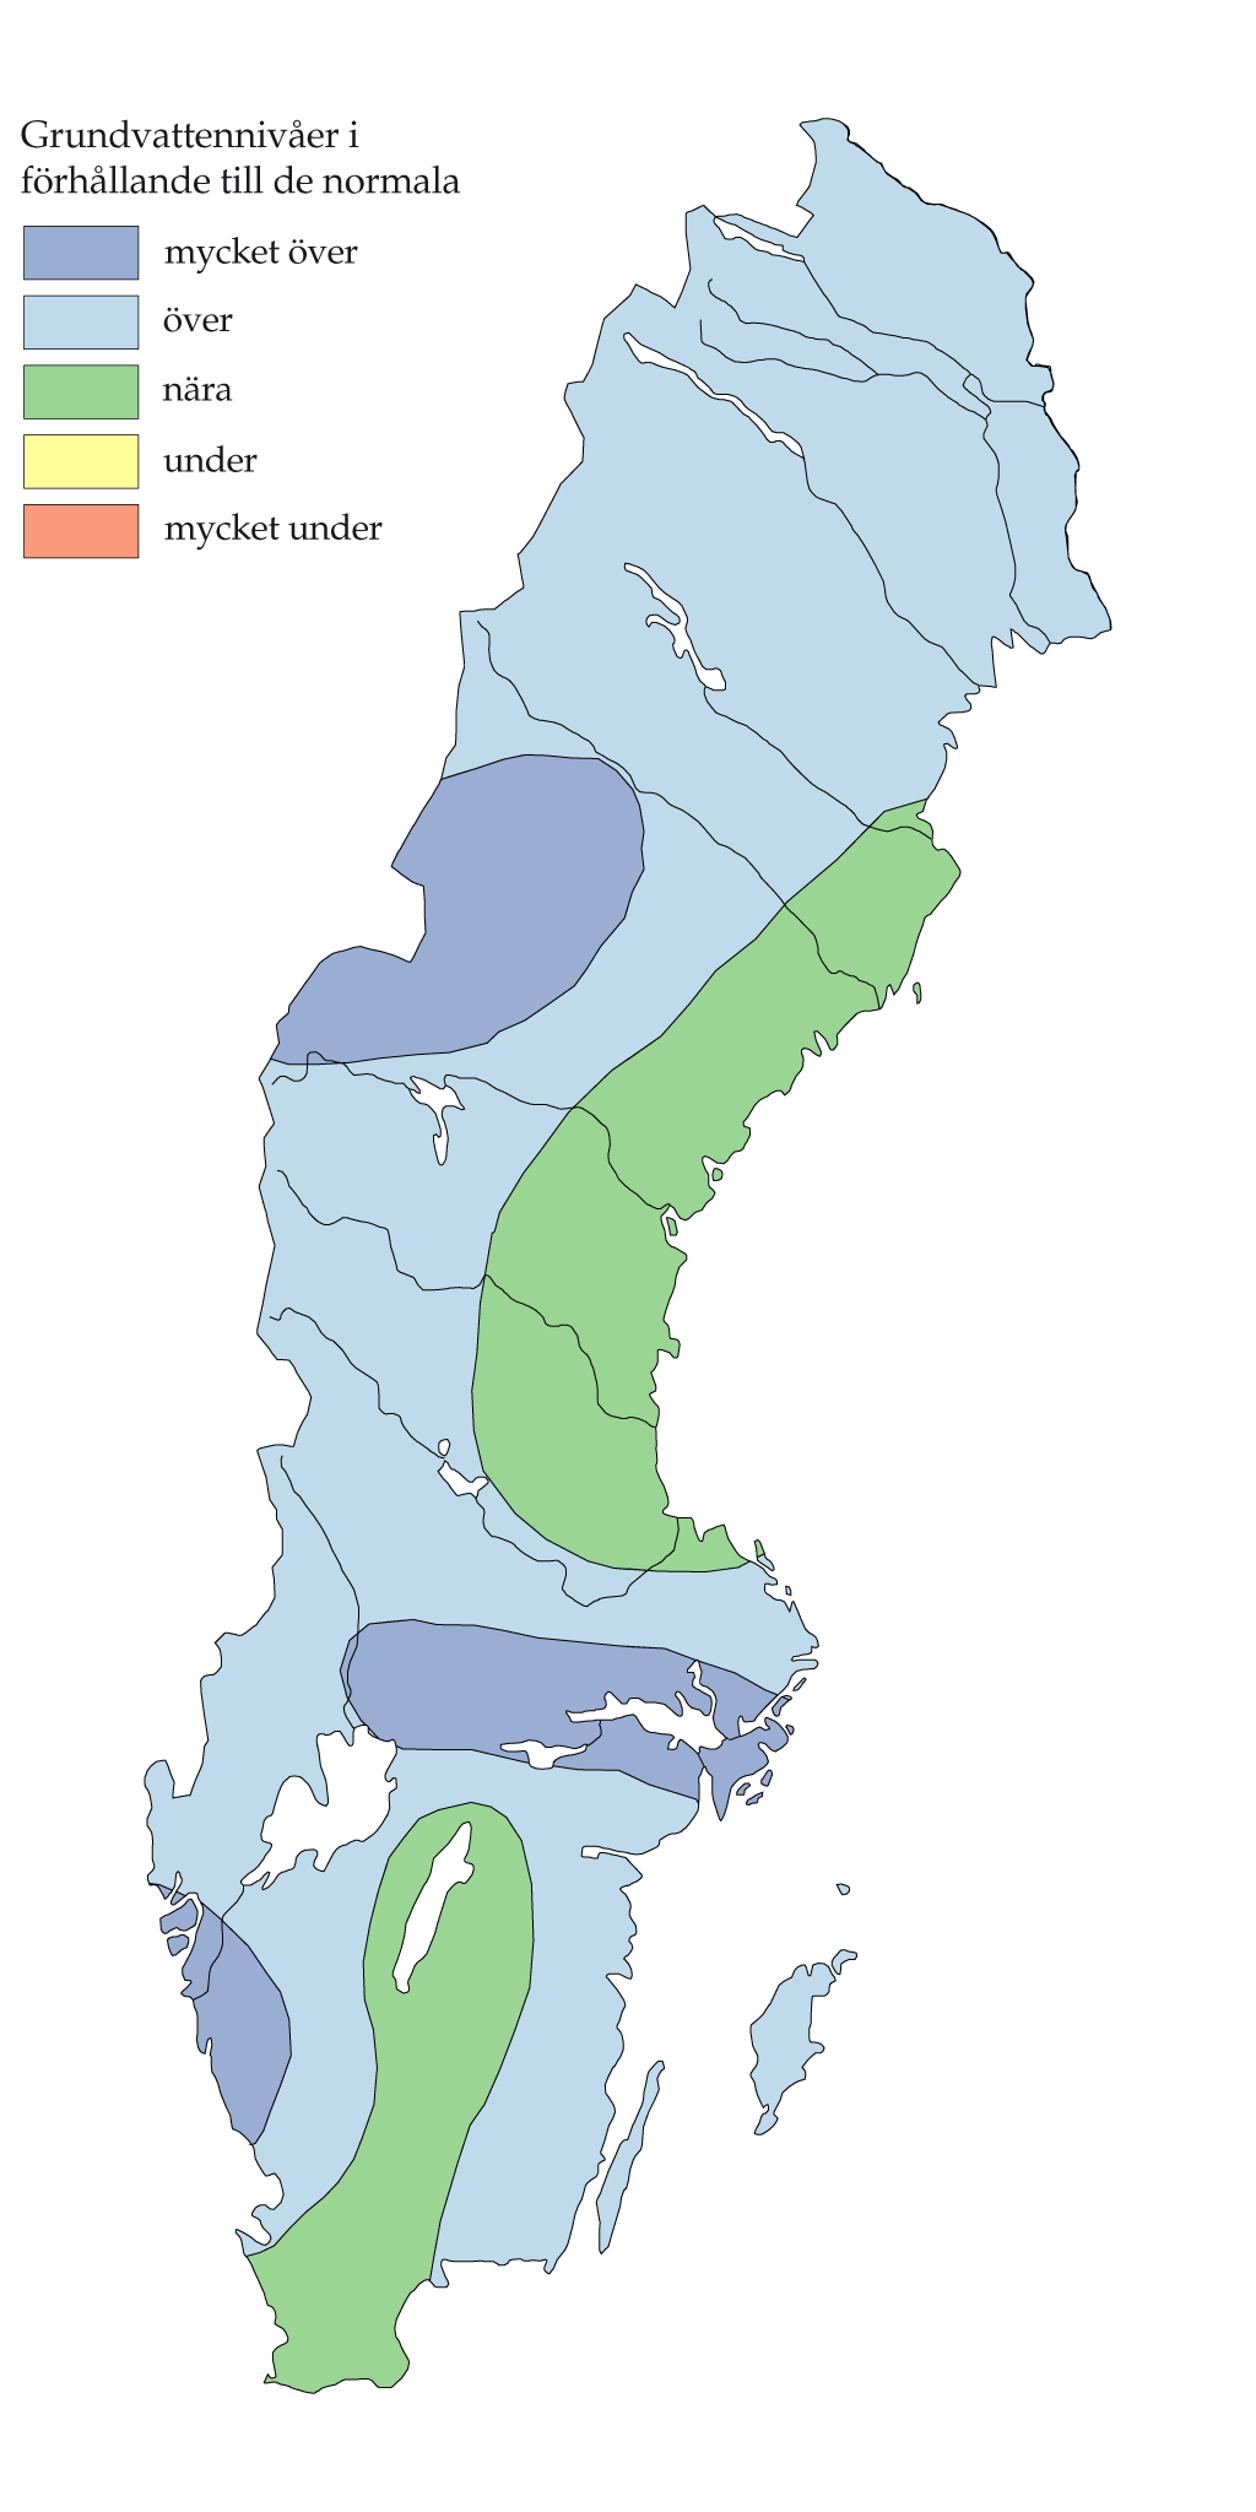 Hoga grundvattennivaer i hela landet